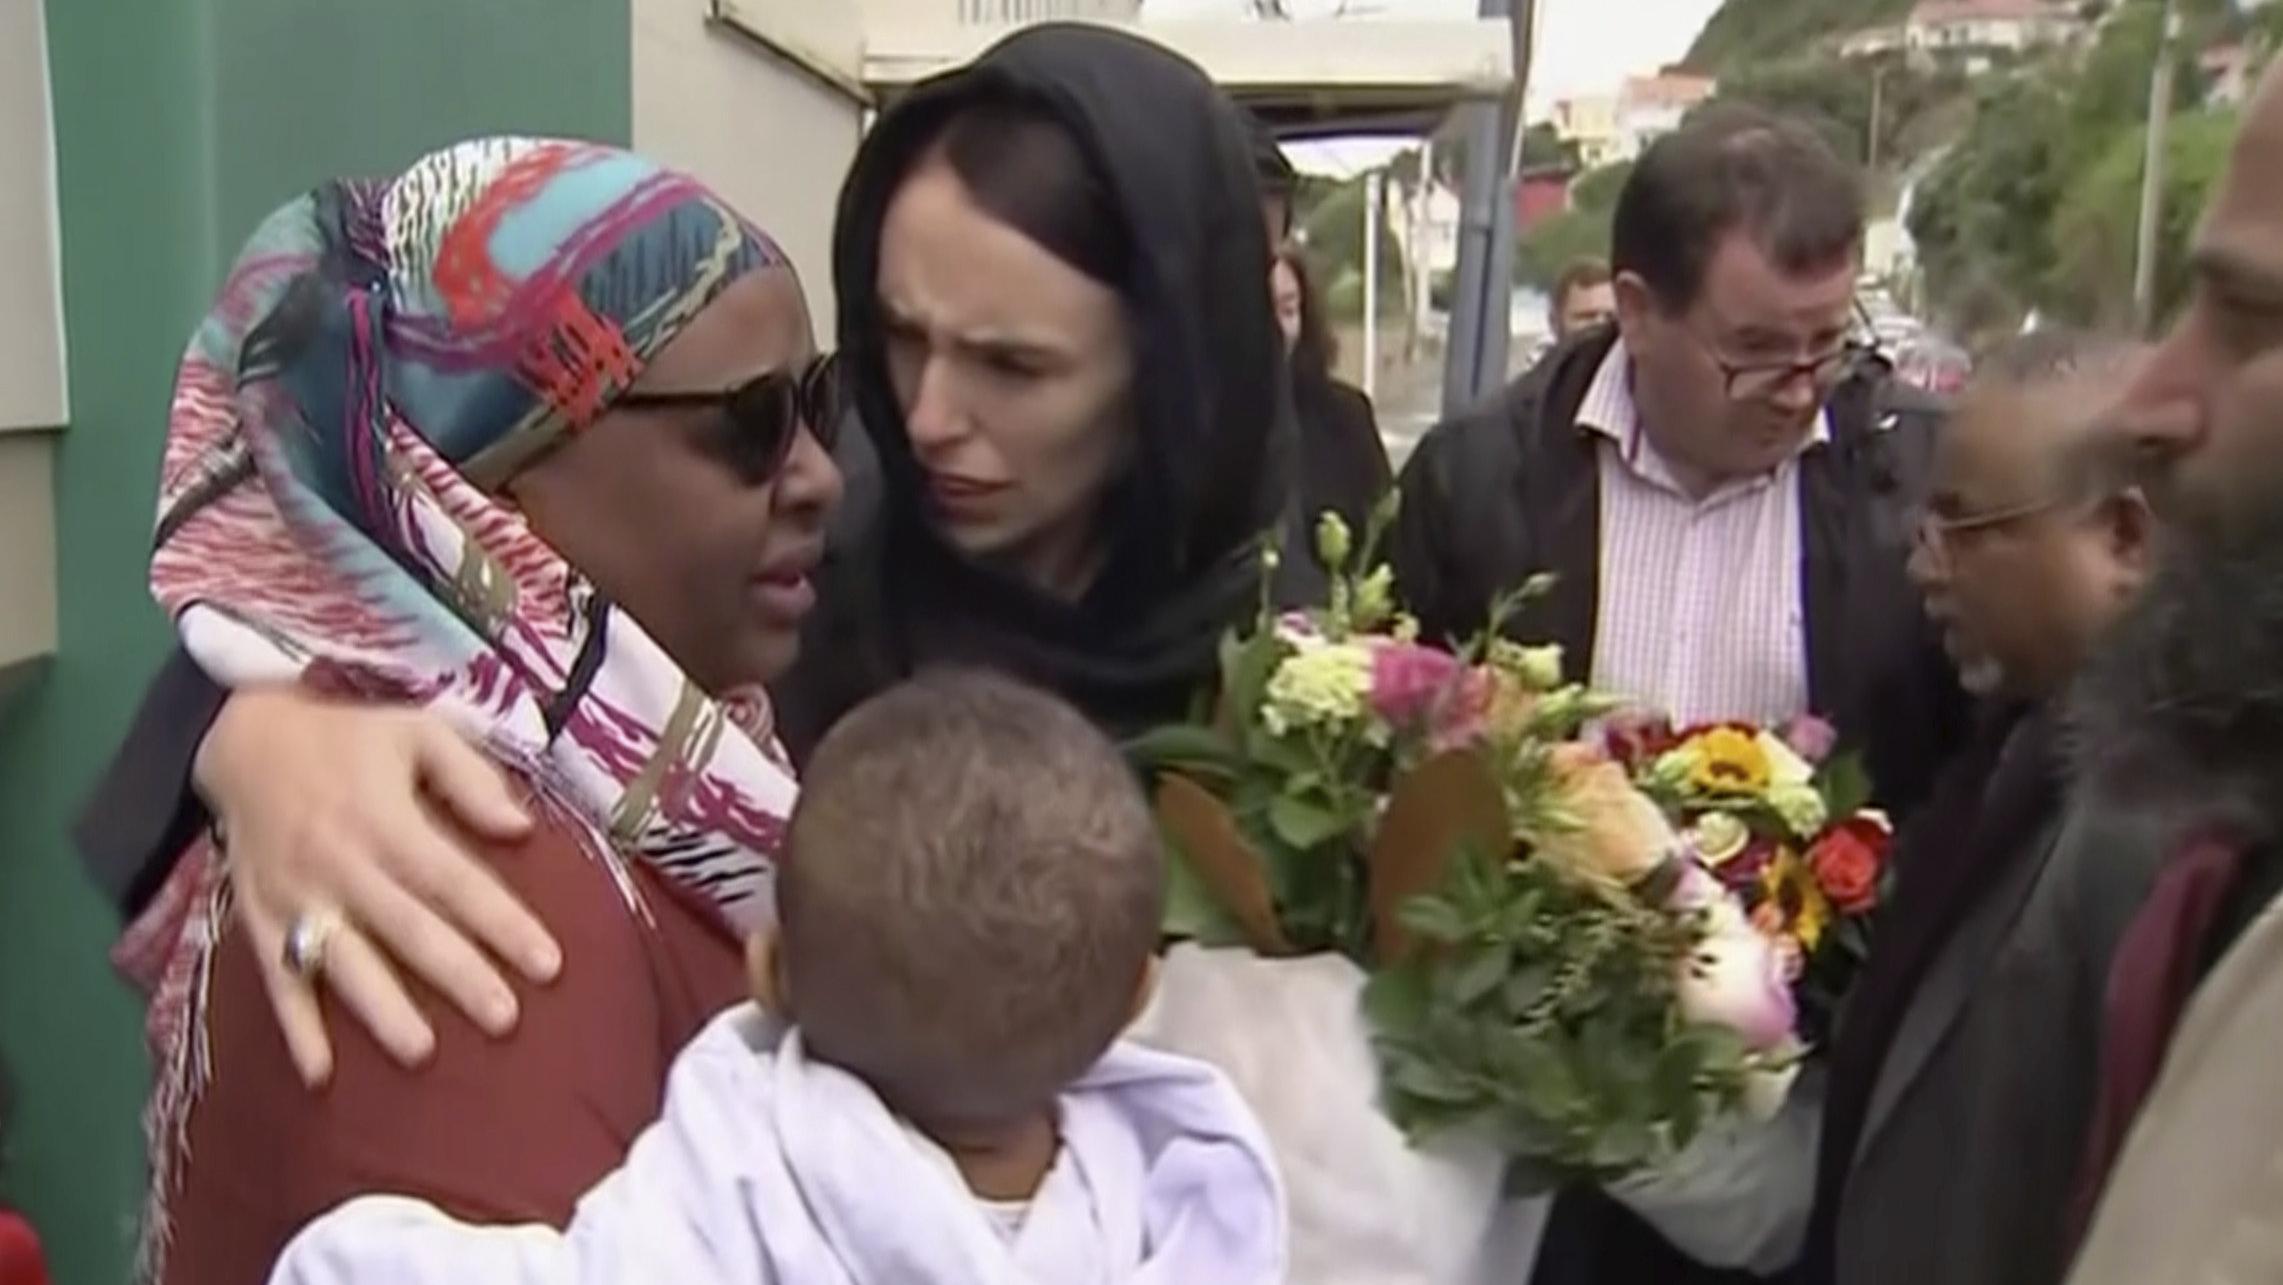 Premierministerin Jacinda Ardern (M.) versucht Trost zu spenden und hat als Zeichen der Solidarität nach muslimischer Sitte ihren Kopf verhüllt.